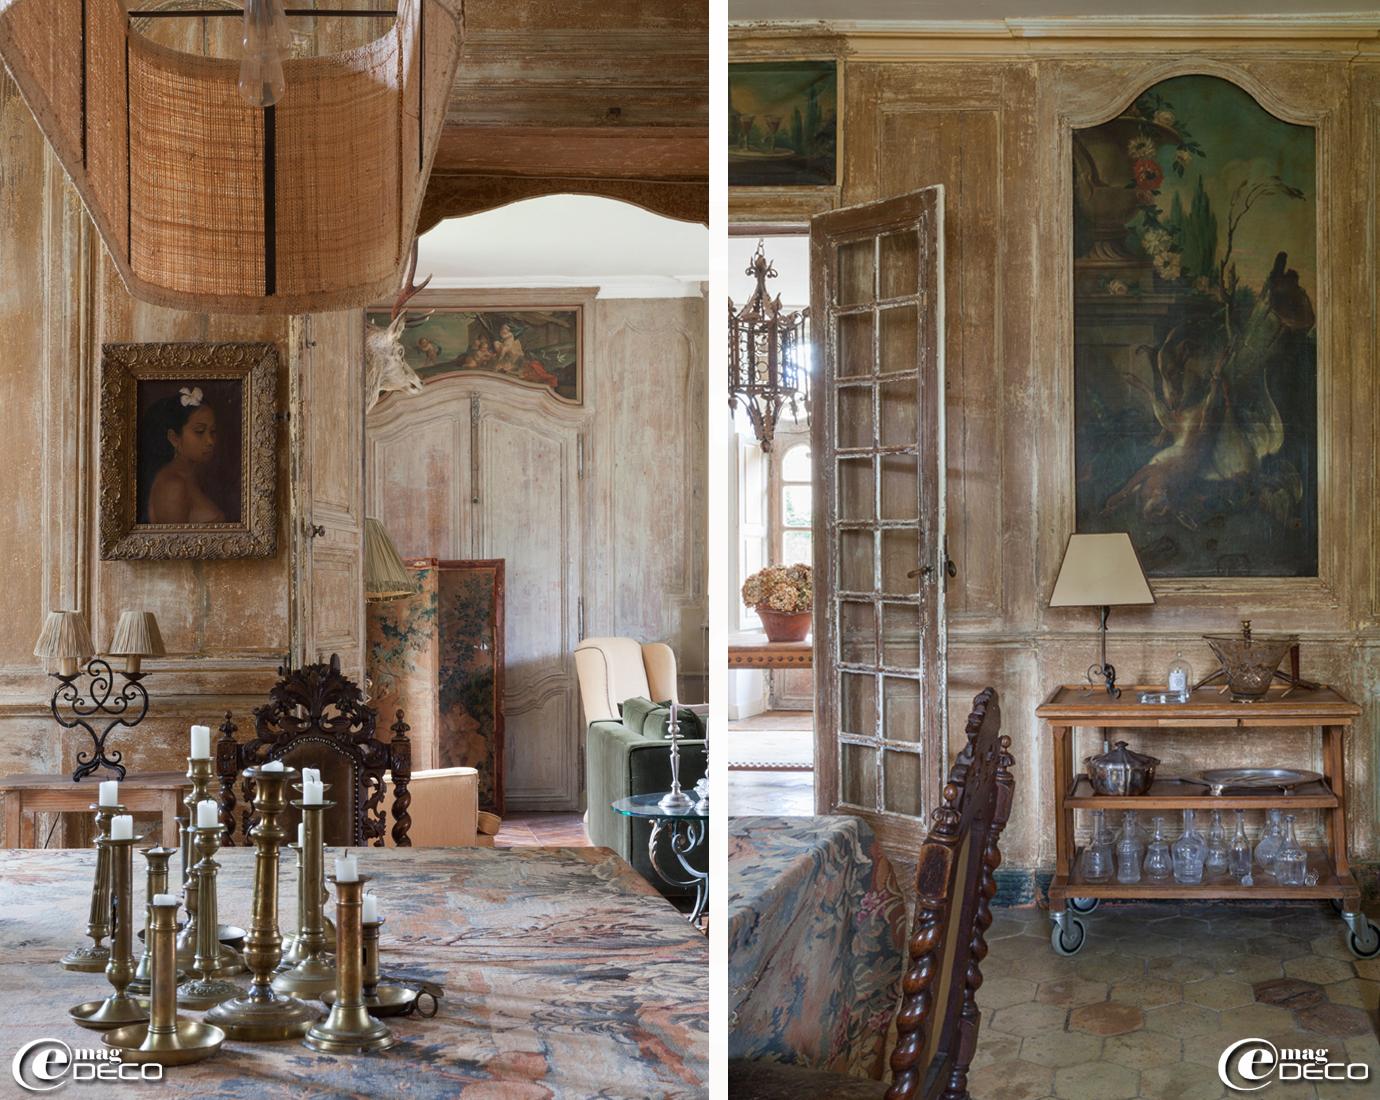 Dans la maison d'hôtes l'Hôtel de Tailles, une collection de bougeoirs en laiton chinés dans les vides-greniers, nappe en tapisserie chinée à Moulins-la-Marche